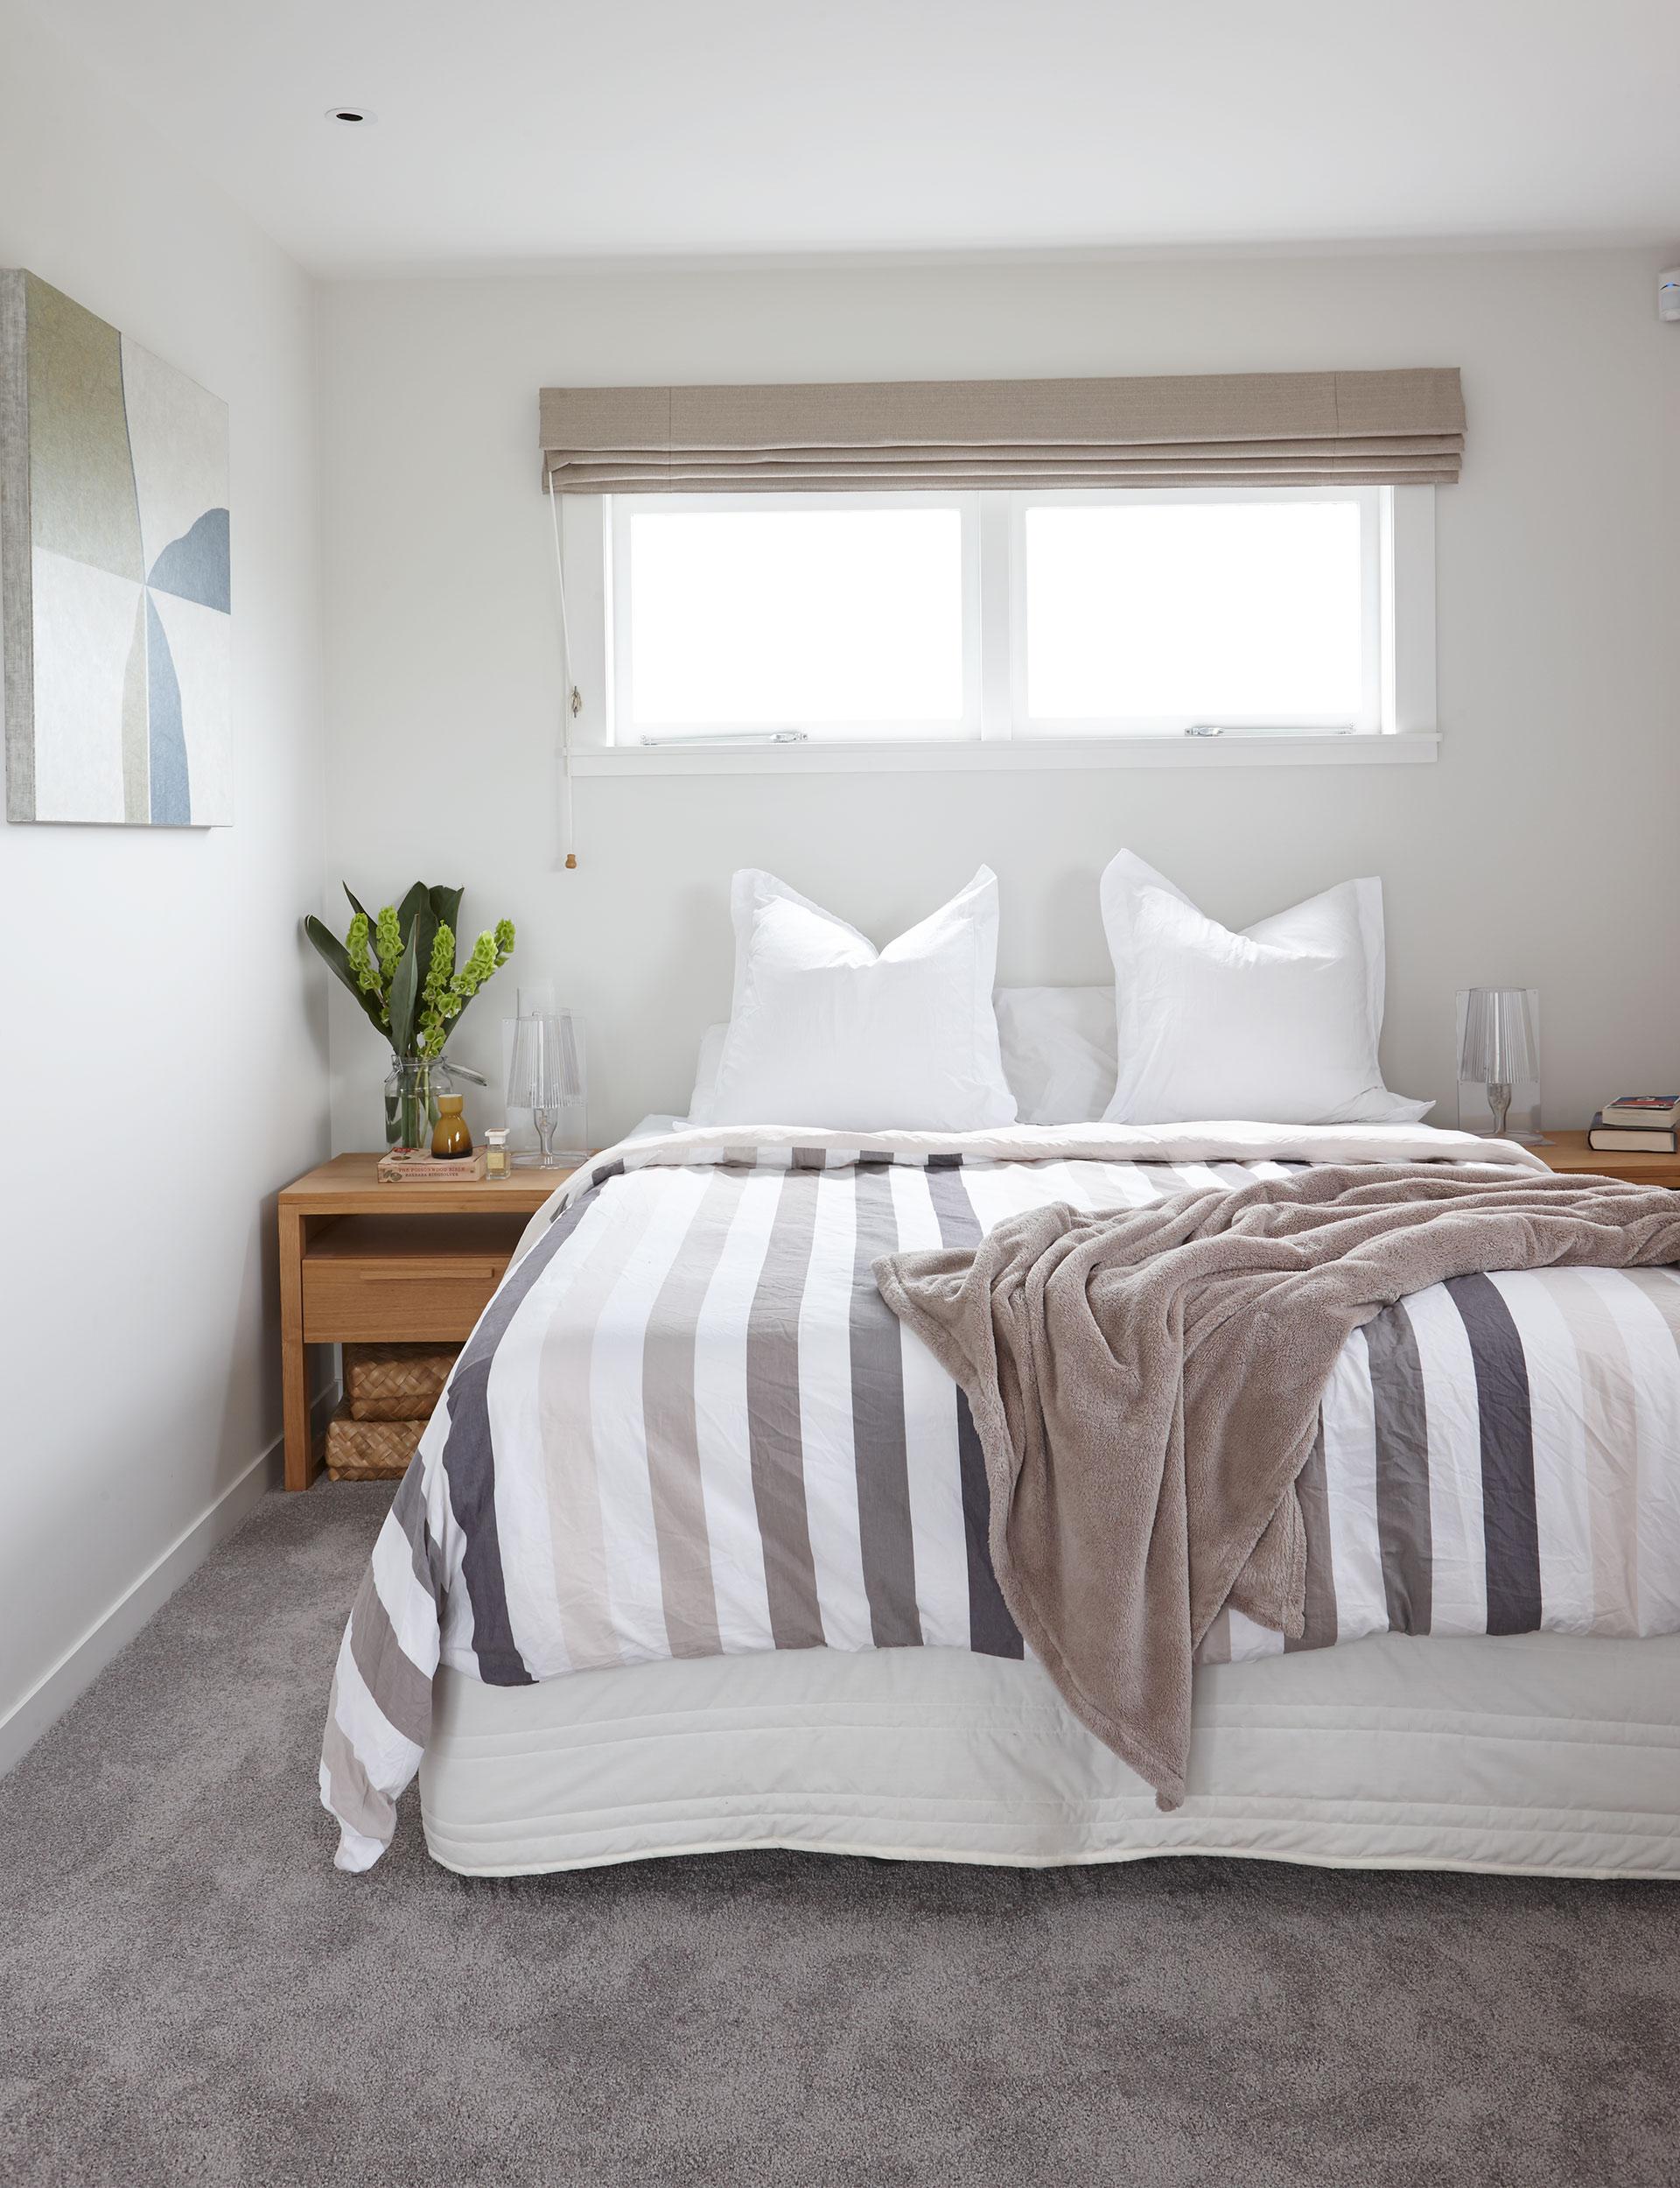 Thiết kế phòng ngủ nhỏ rộng rãi hơn